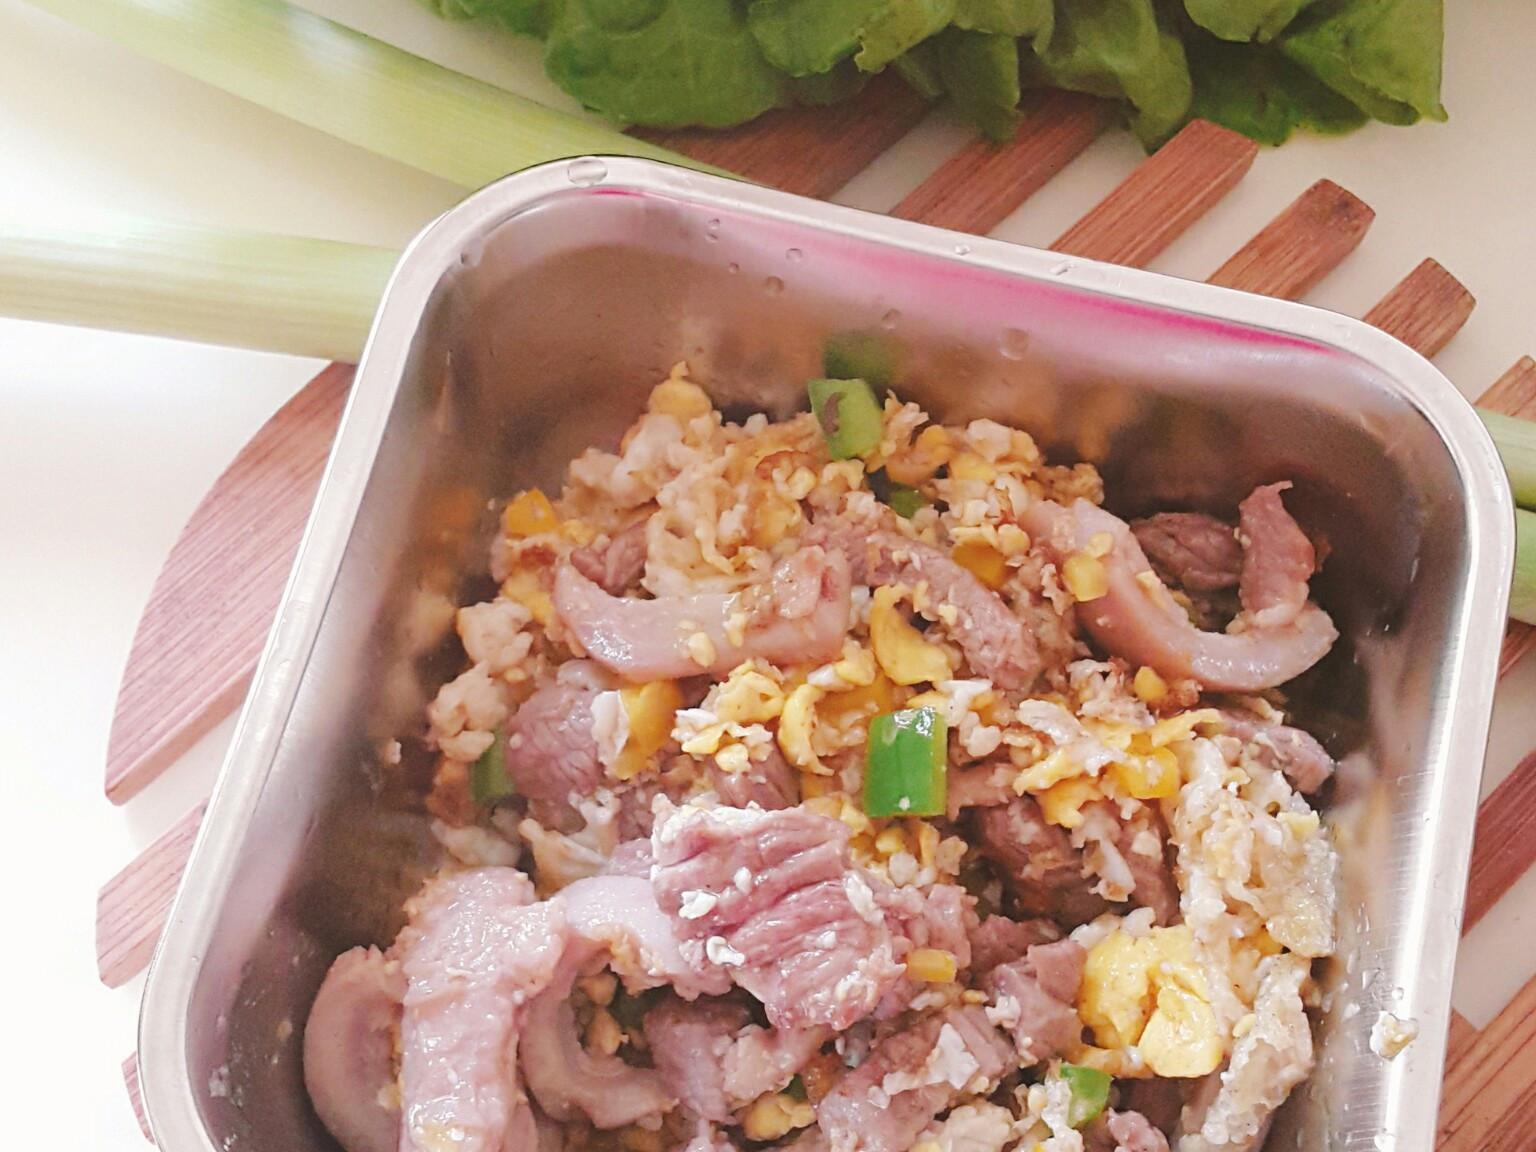 毛小孩鮮食餐 - 羊肉炒鮮蔬